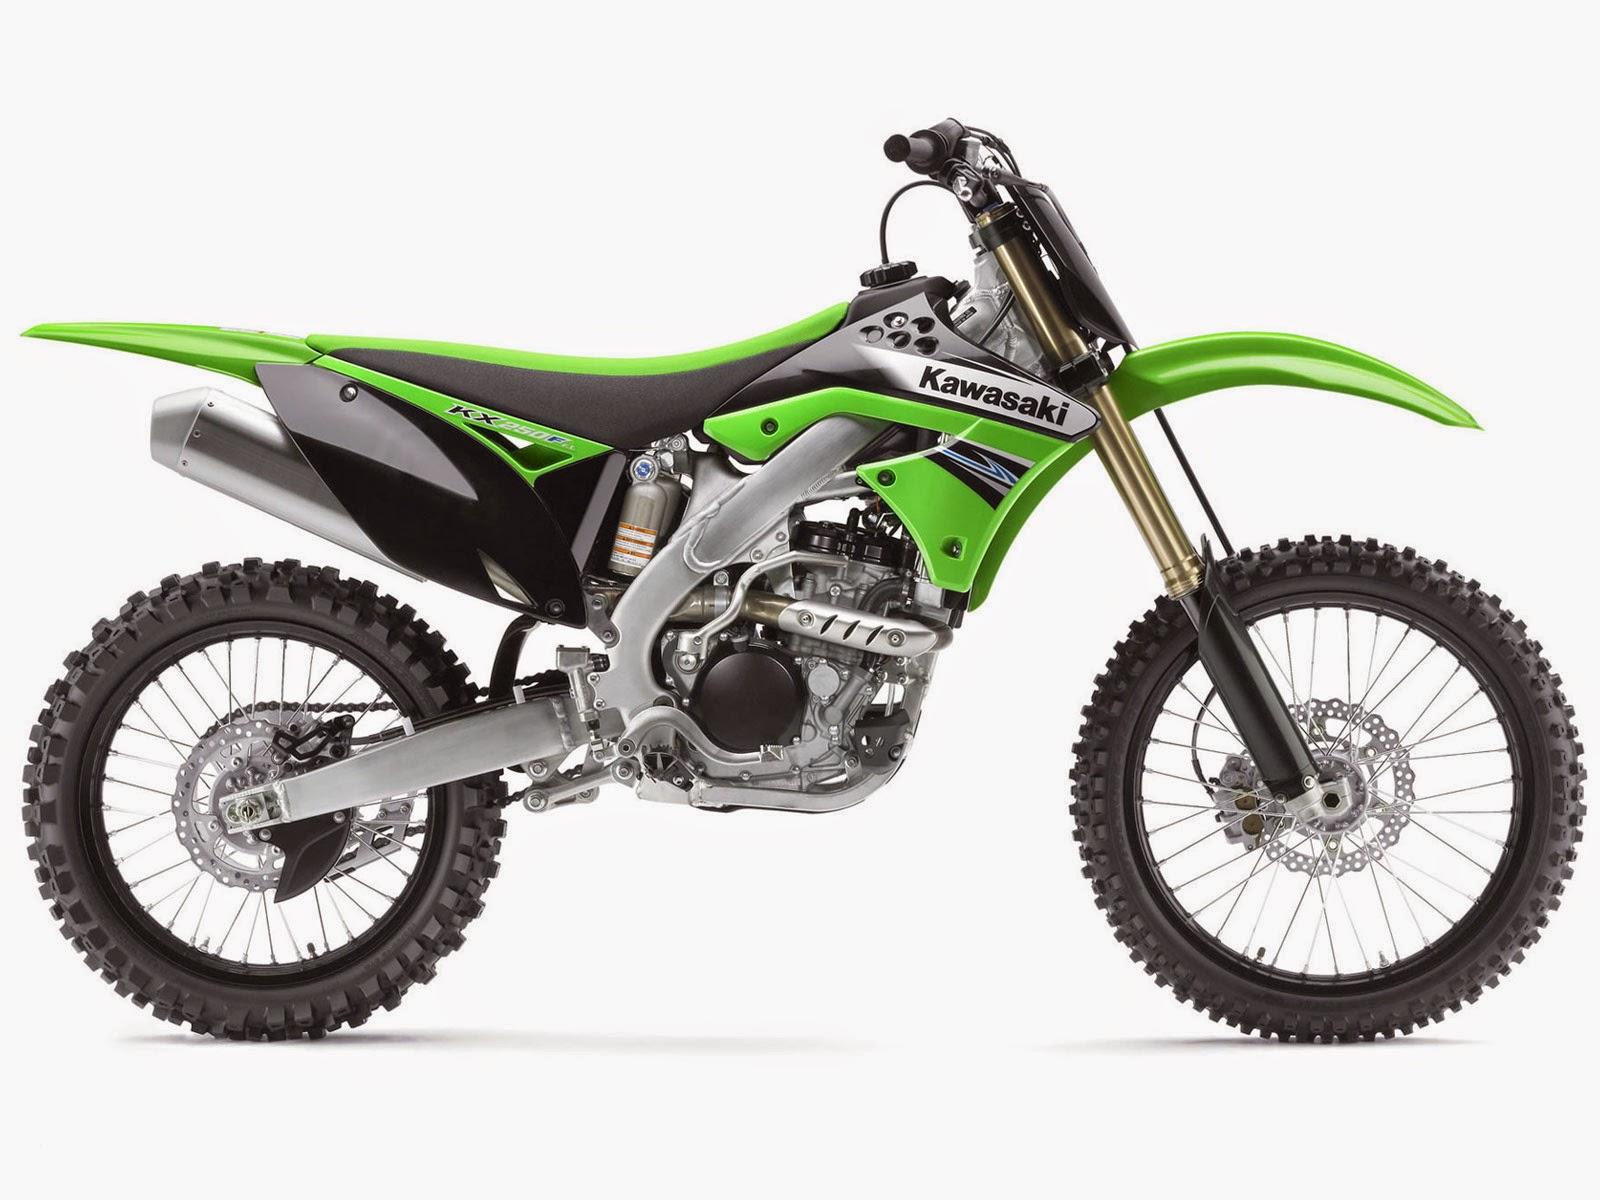 Kawasaki Kx450f Harga 2017